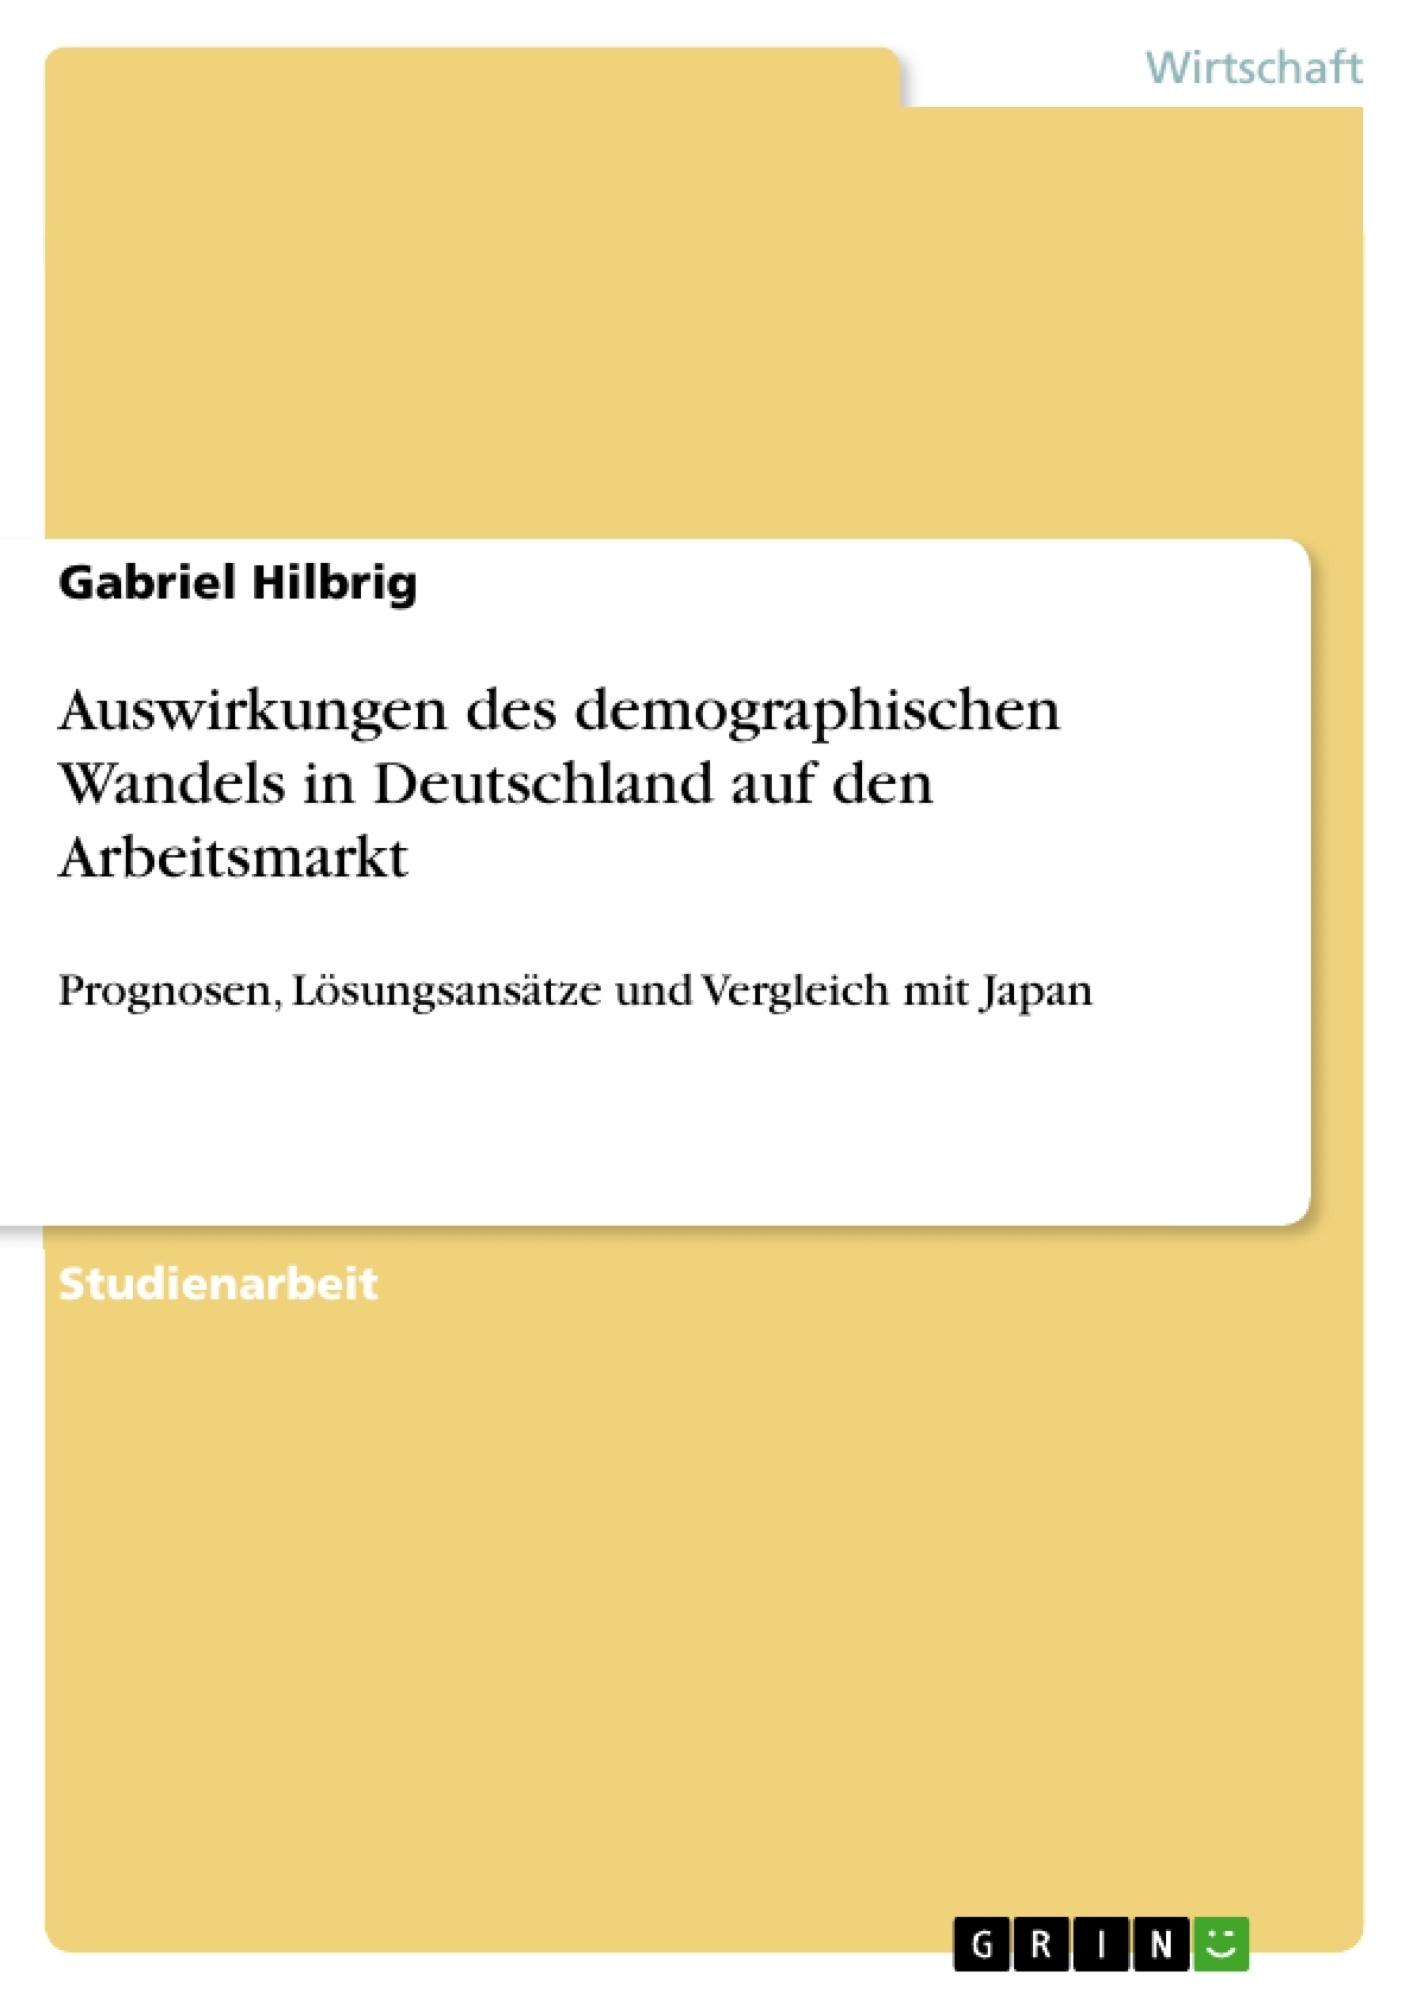 Titel: Auswirkungen des demographischen Wandels in Deutschland auf den Arbeitsmarkt